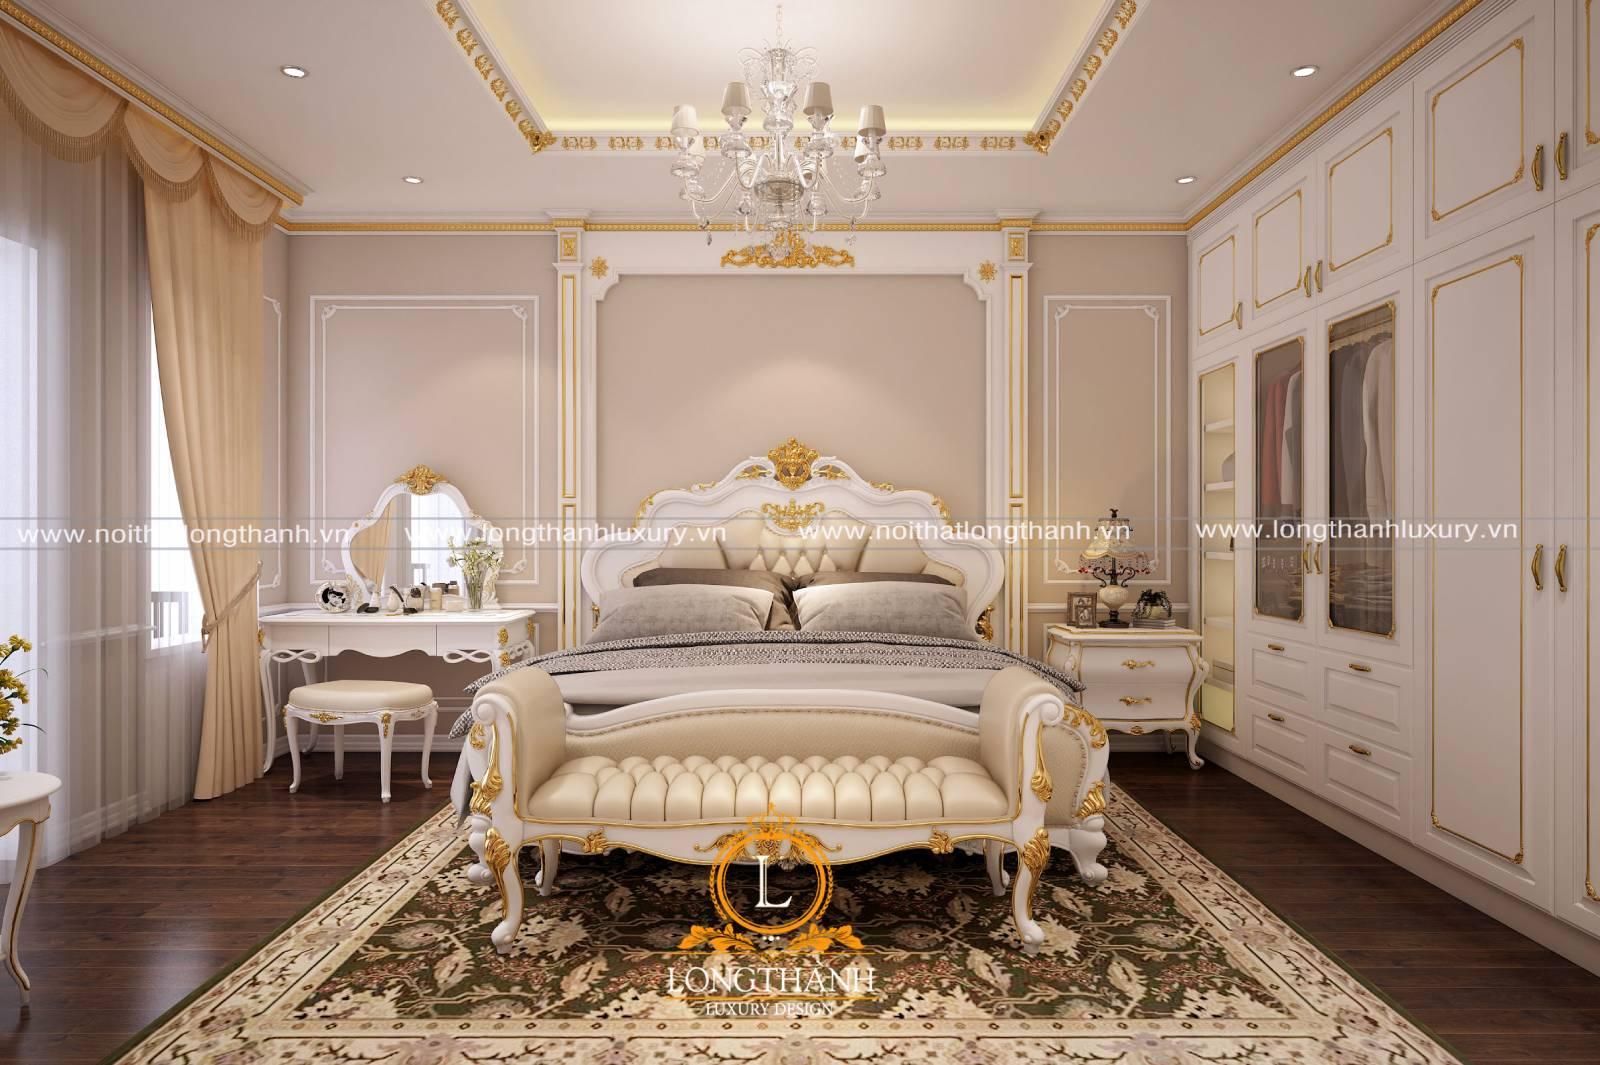 Giường ngủ da có nhiều ưu điểm nổi bật so với các mẫu giường ngủ khác